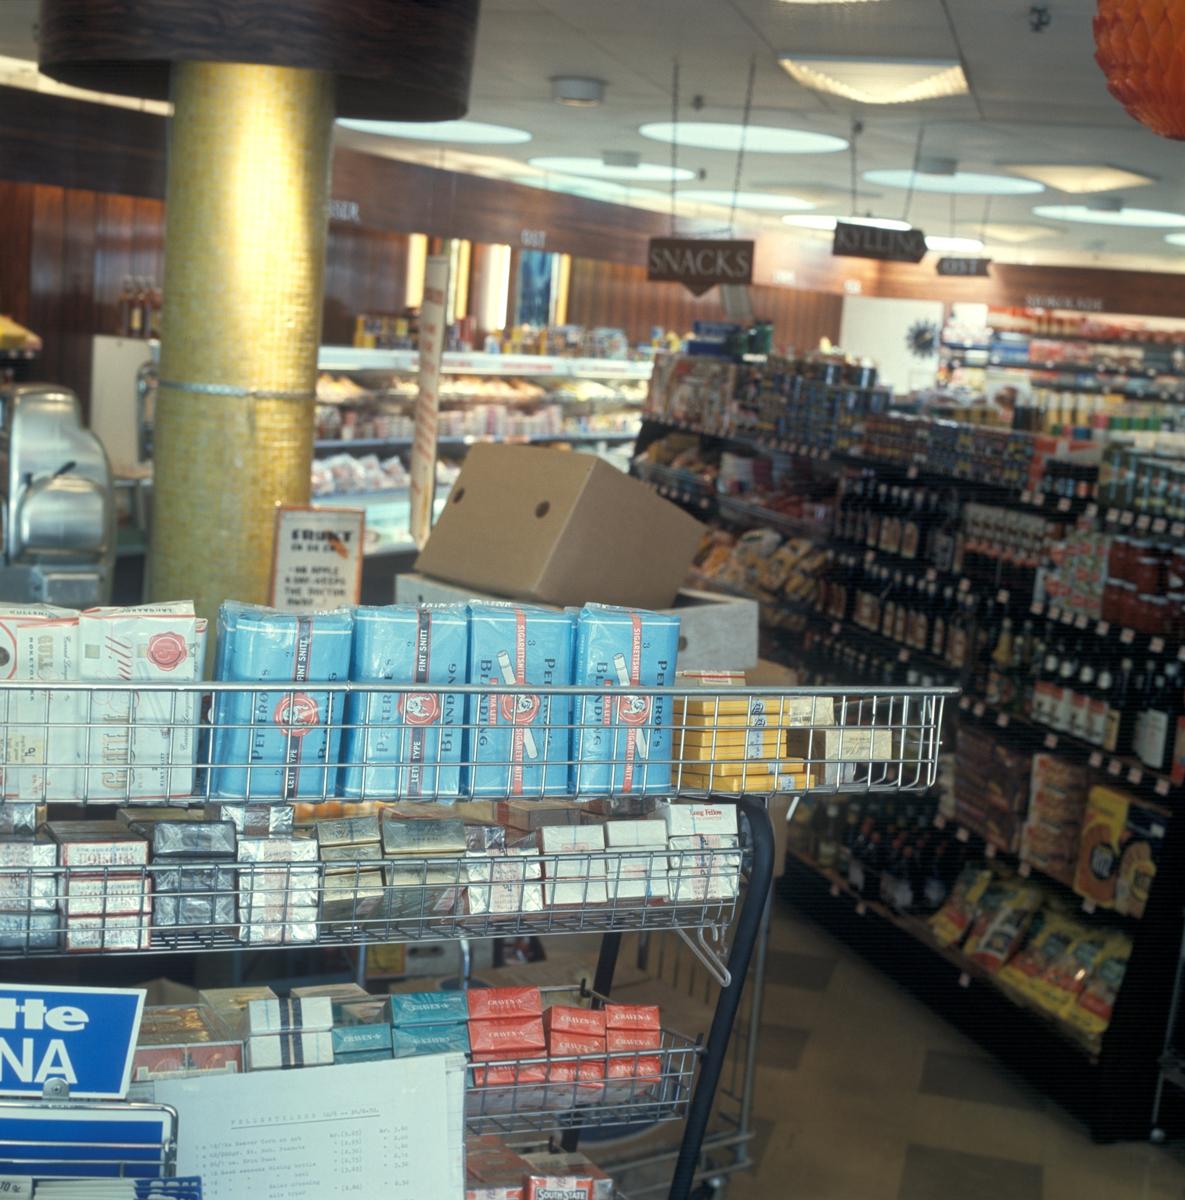 Butikkinteriør. Hyller med tobakk i butikk.